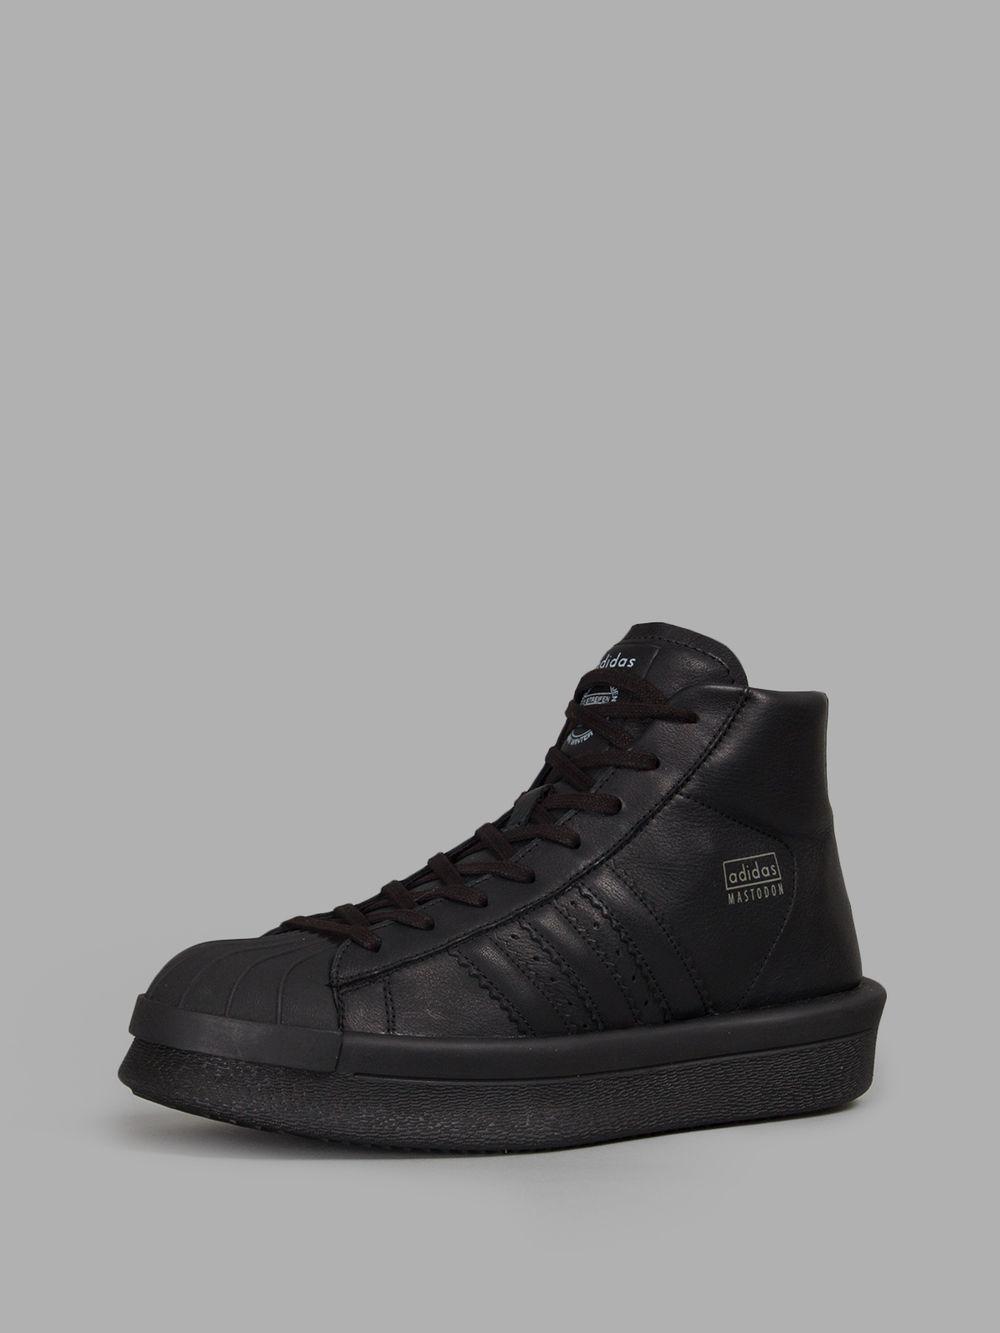 1e17397453d9 Купить обувь женская RICK OWENS — Москва, СПб, фото — Интернет-магазин  брендовой одежды, сумок, обуви, аксессуаров из Италии